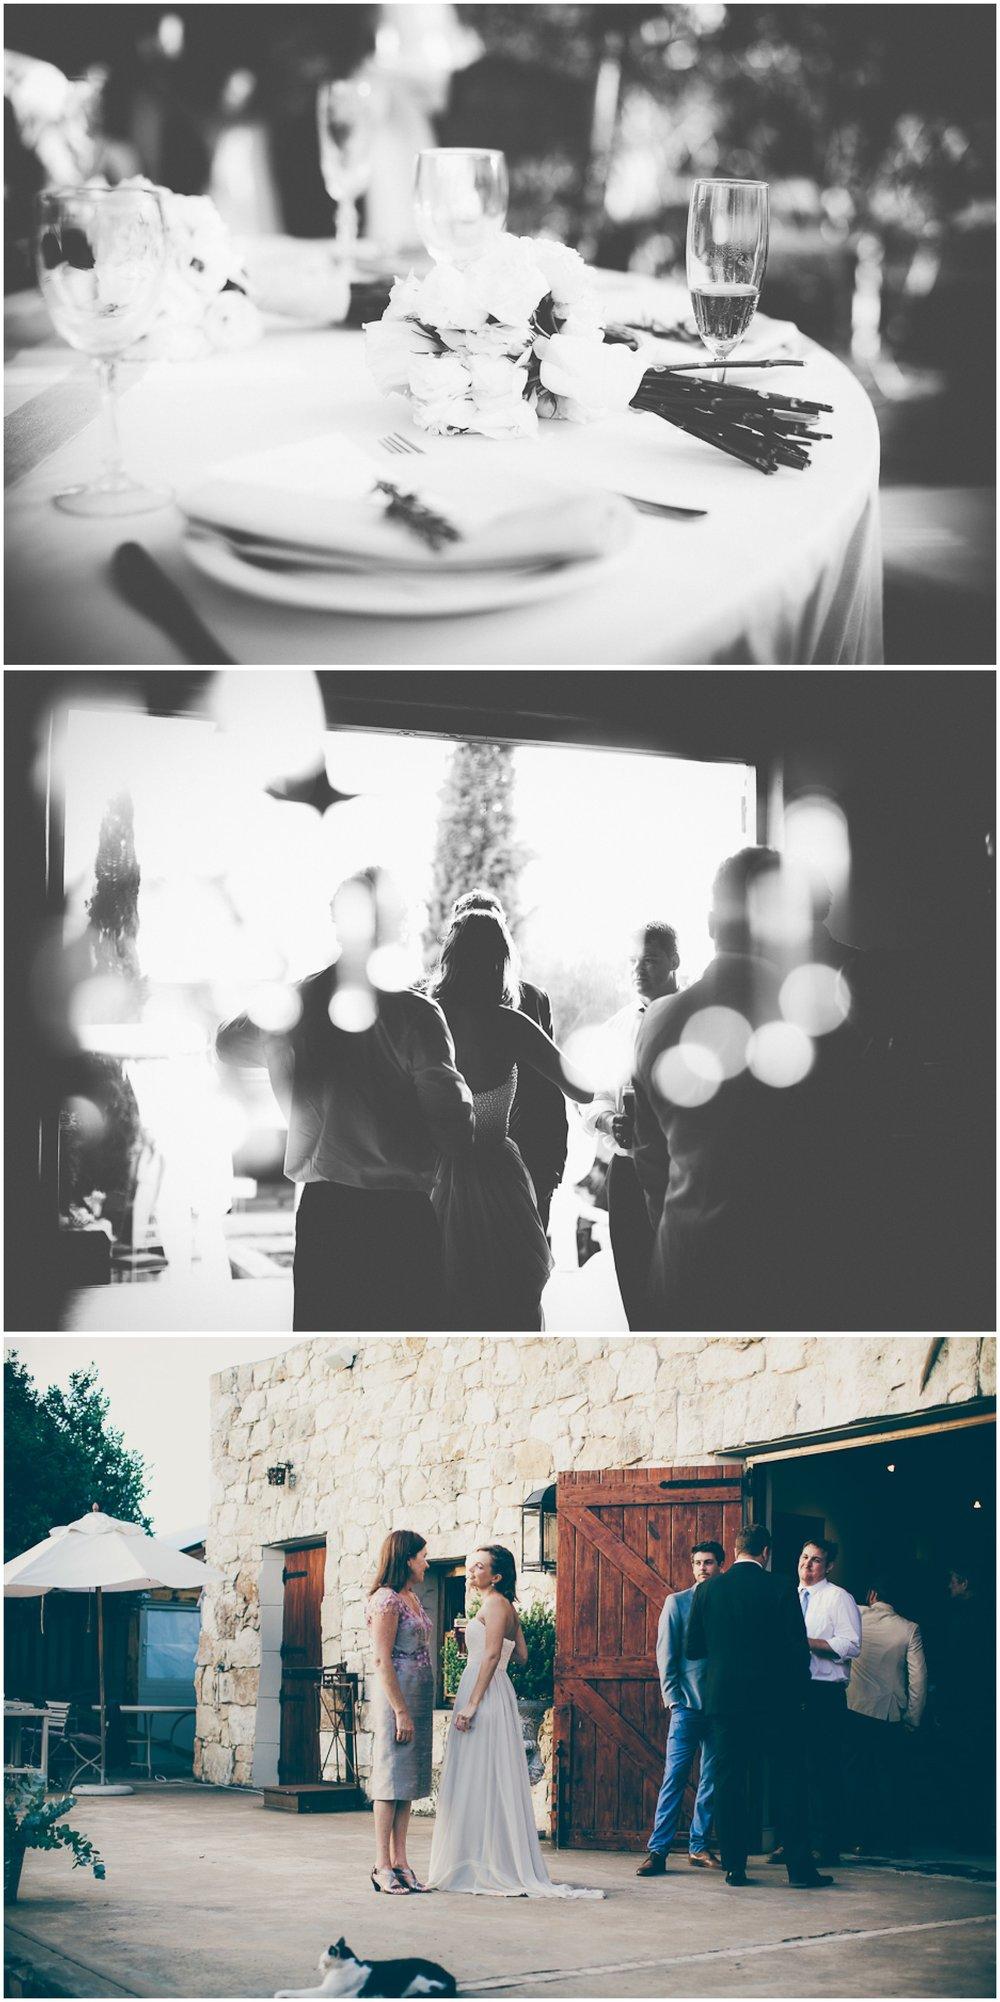 Matt&LaurenTaylor_FionaClair-182.jpg